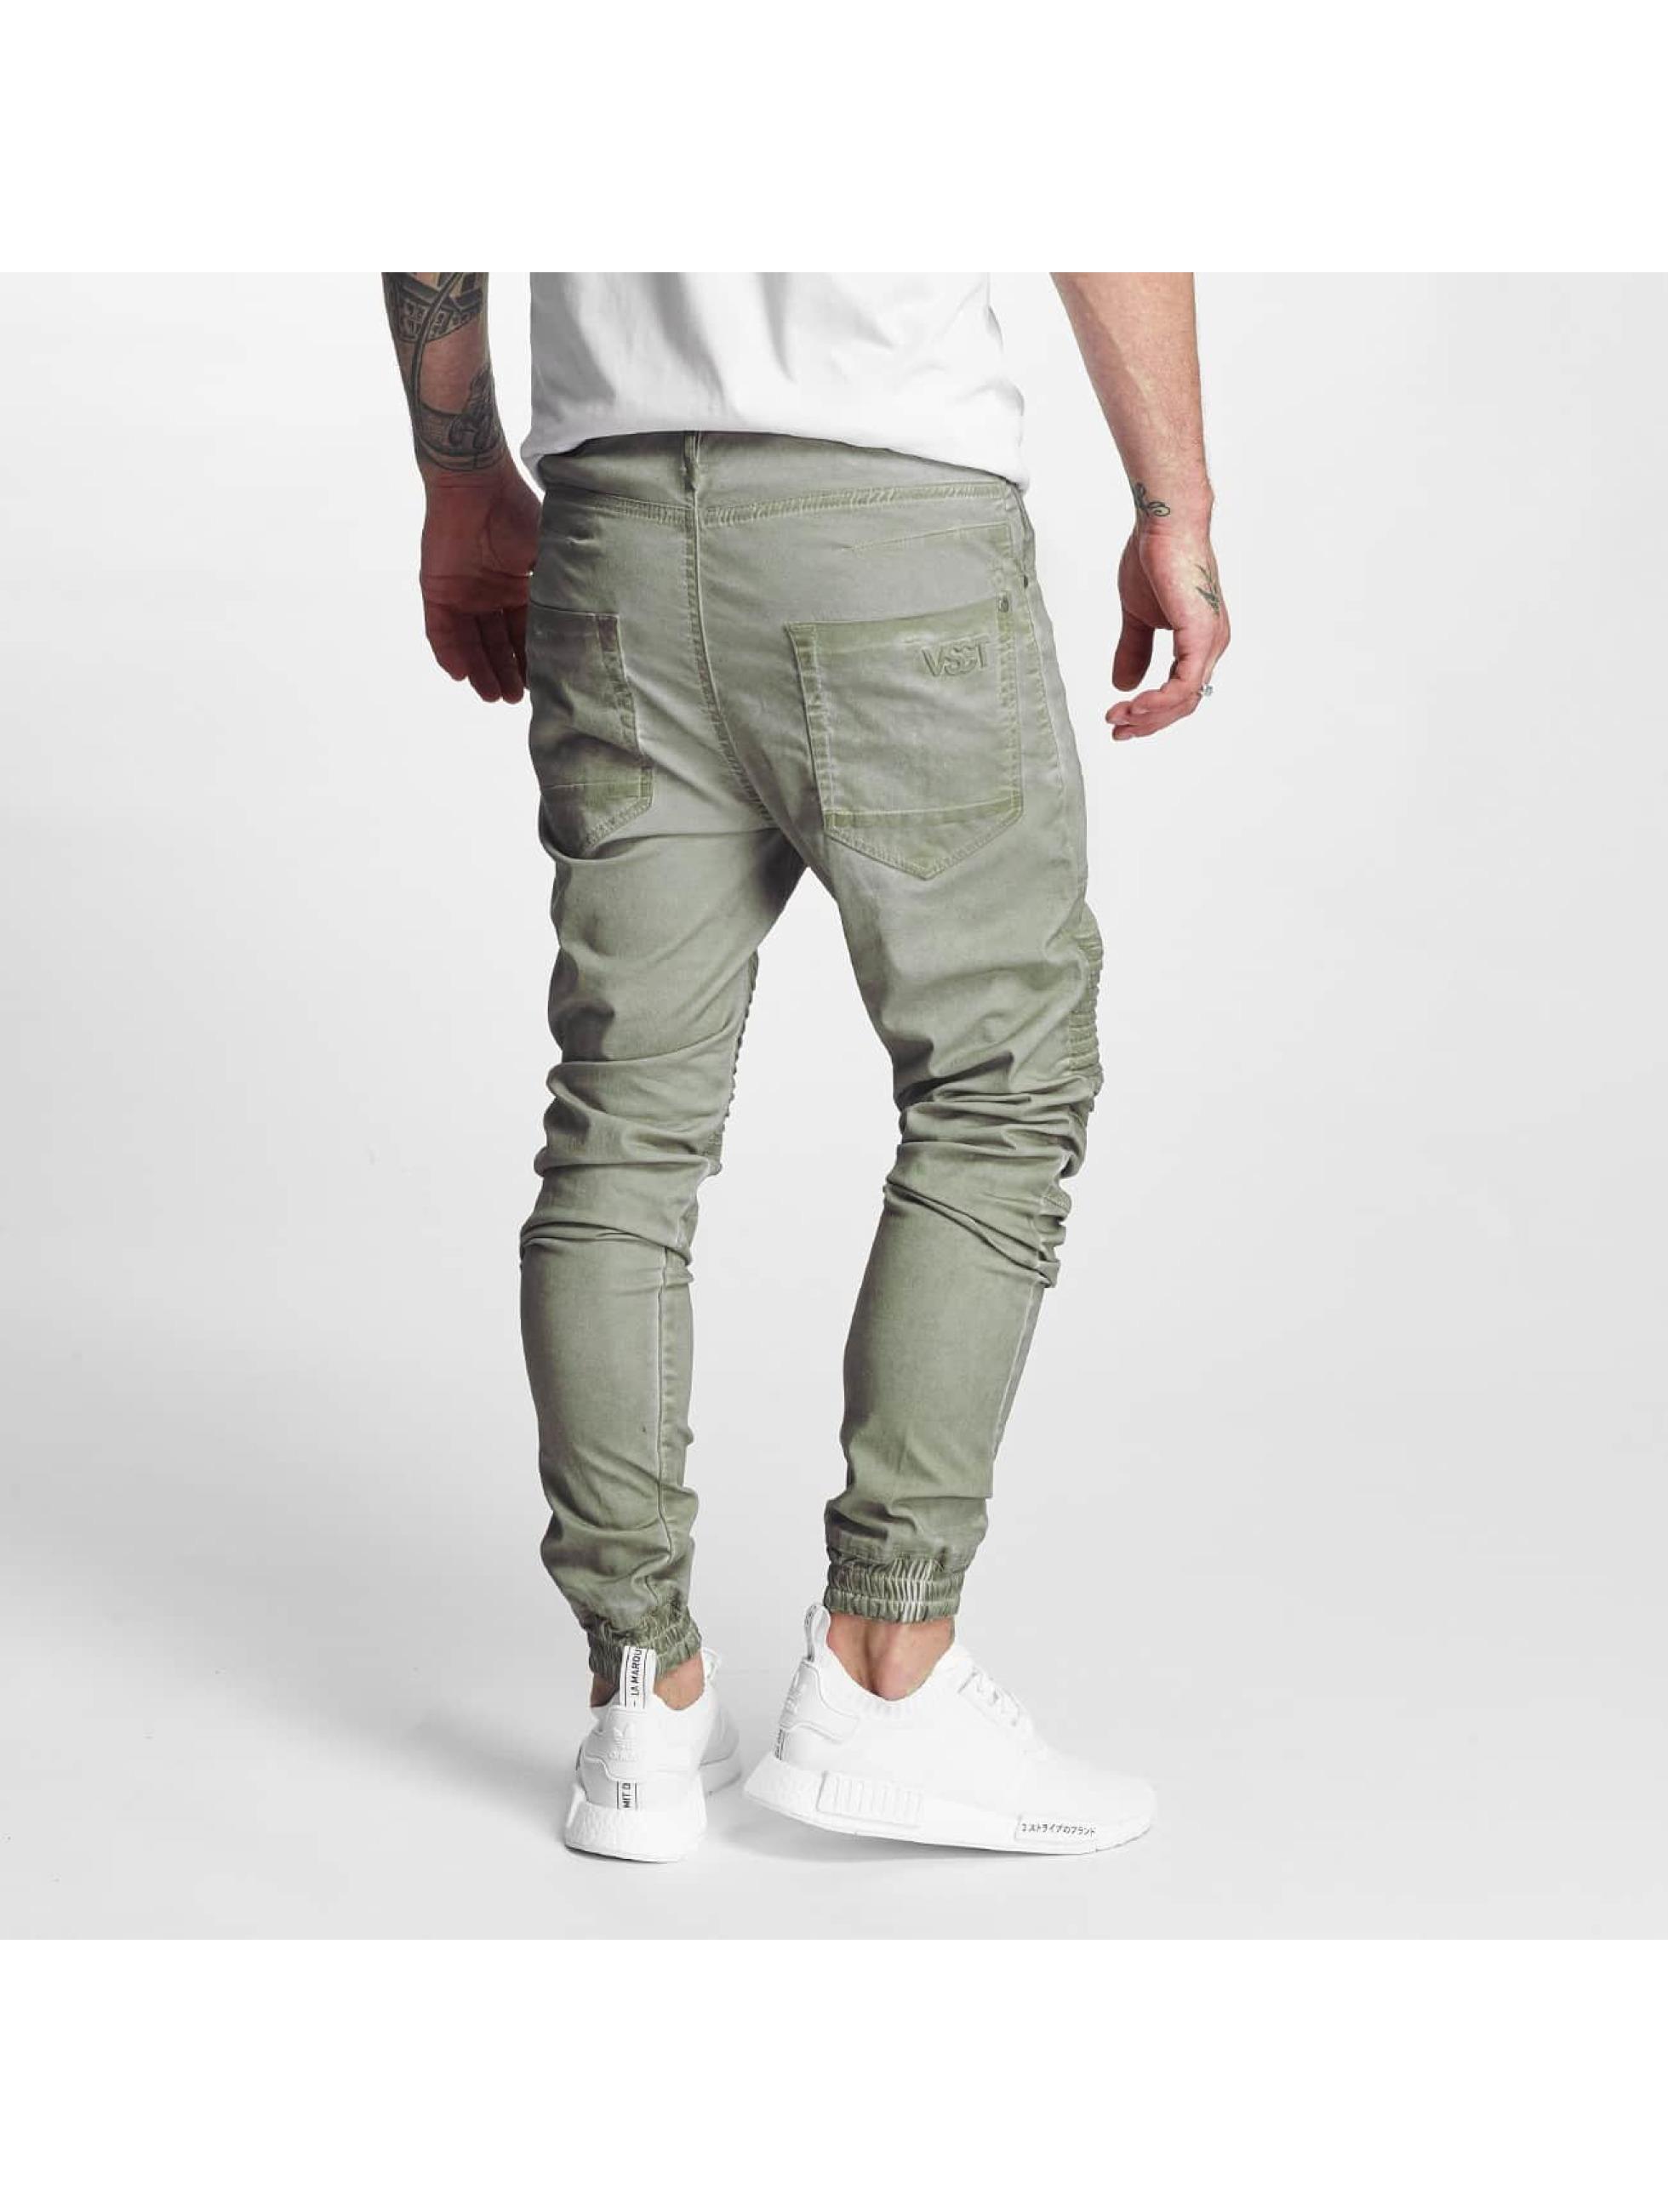 VSCT Clubwear Herren Jeans   Antifit Noah Biker   eBay d8e6b3f2cf